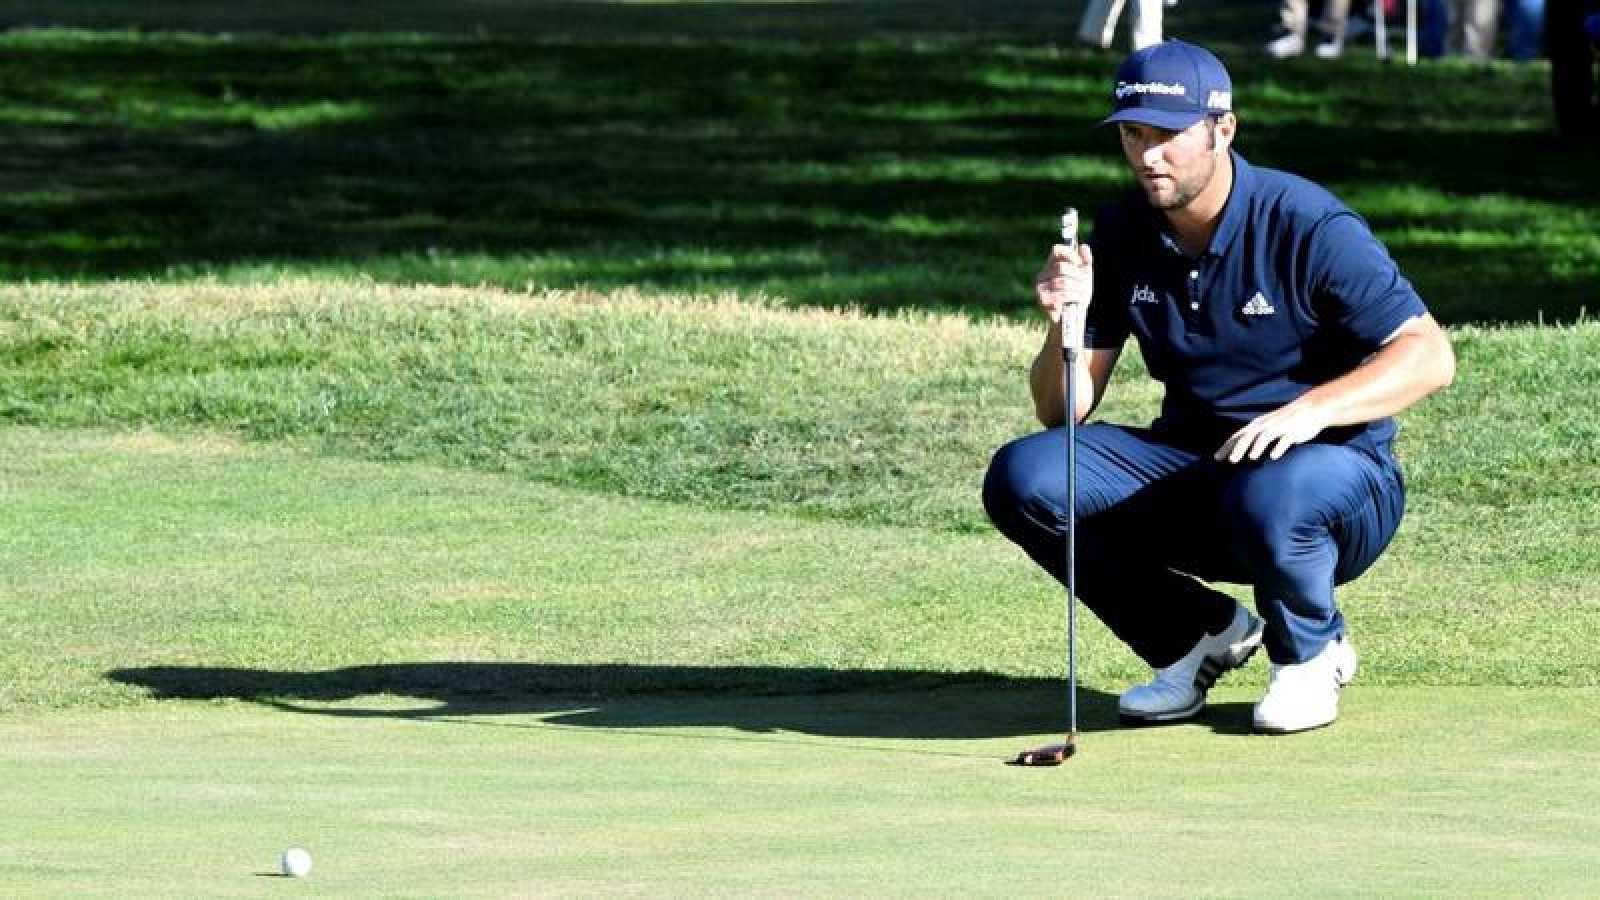 El golfista español Jon Rahm observa la pelota durante su participación en el Abierto de España de Golf 2019.